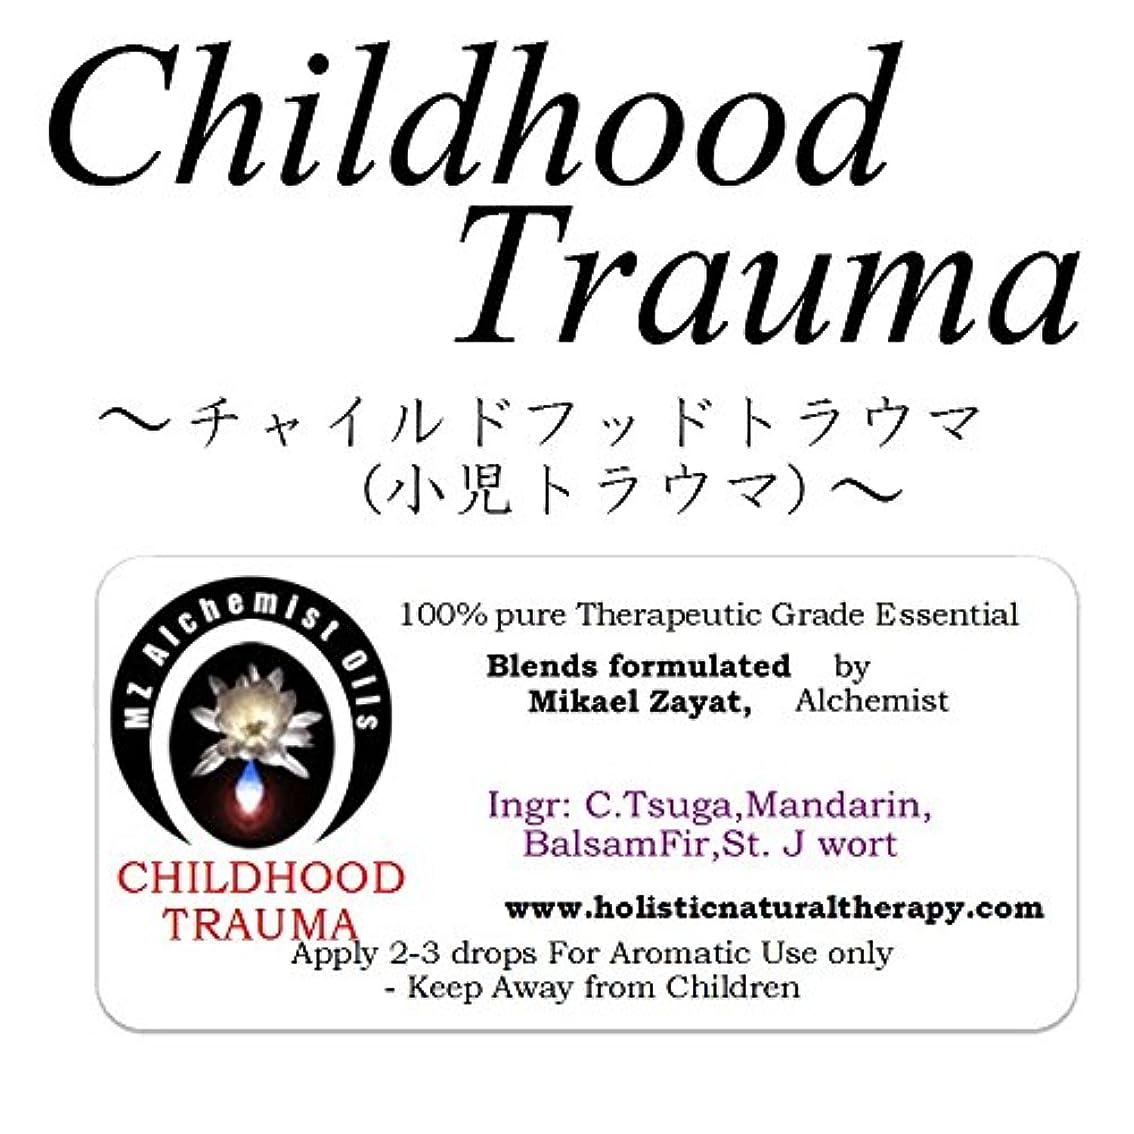 癒す風が強いシンカンミカエルザヤットアルケミストオイル セラピストグレードアロマオイル Childhood Trauma-チャイルドフット?トラウマ(小児トラウマ)- 4ml